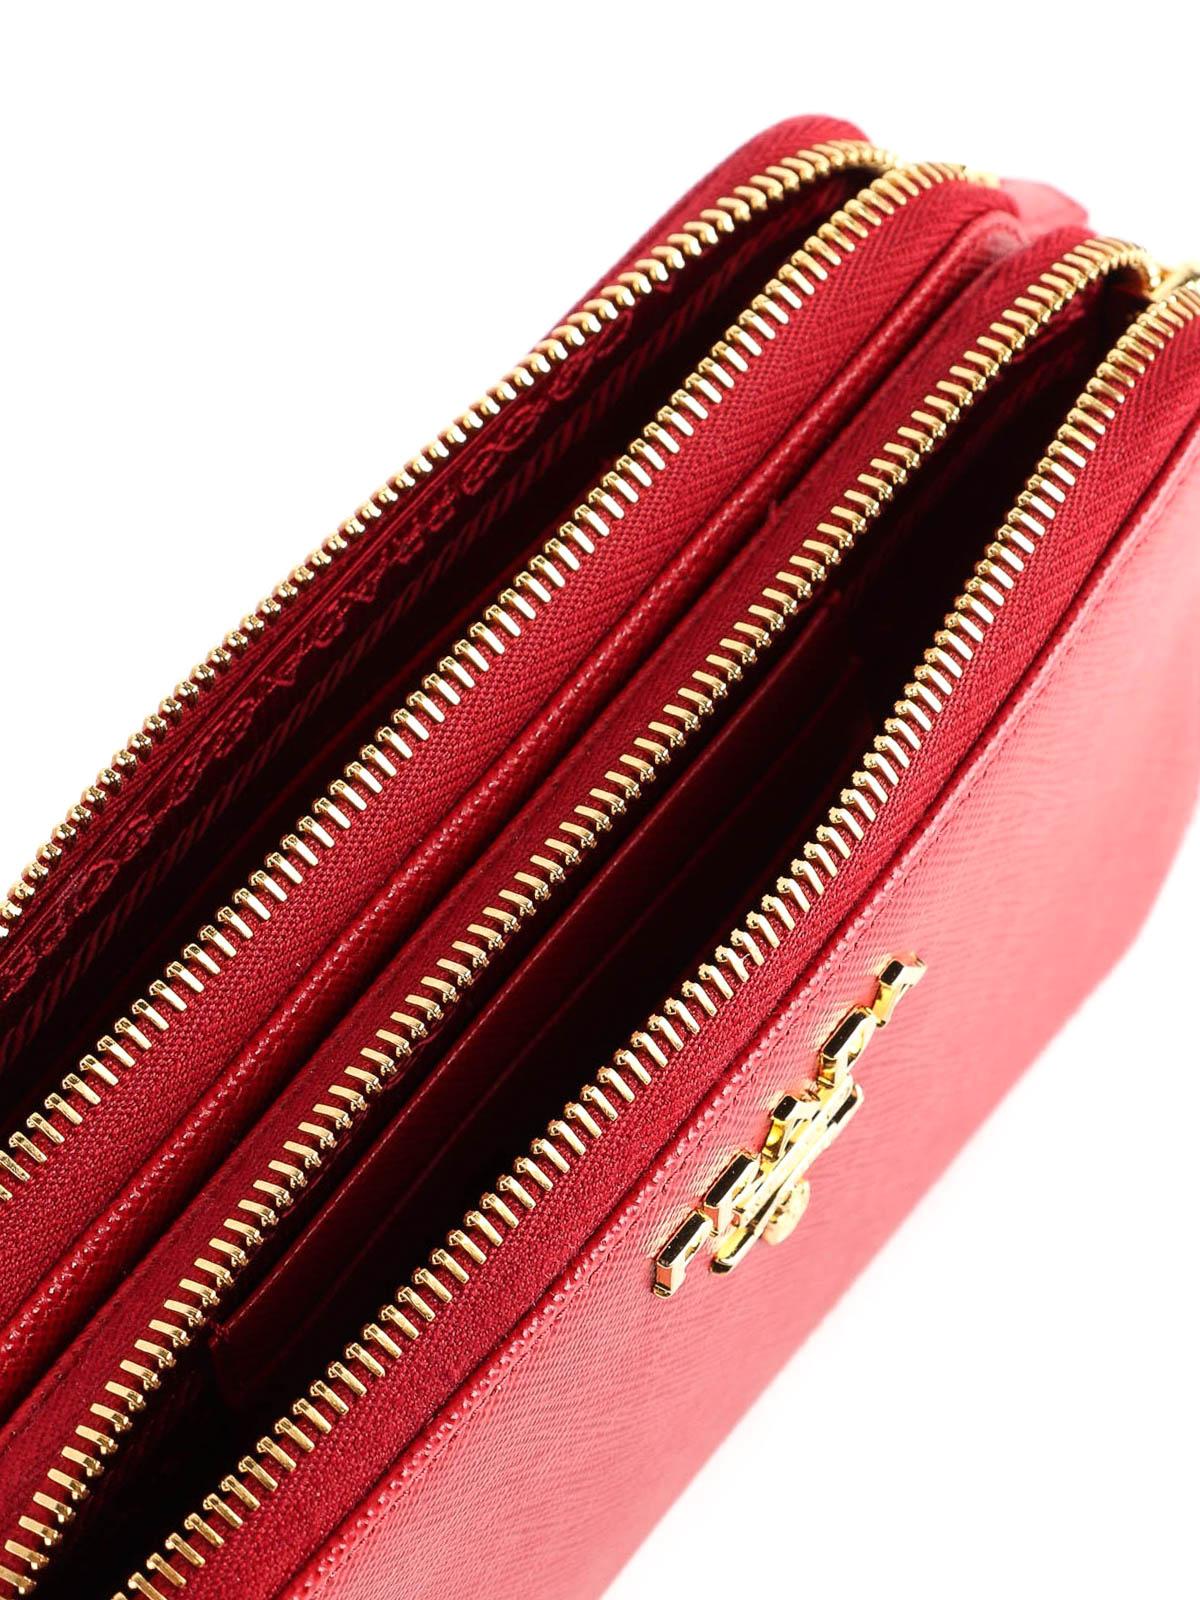 28f0d486b56f88 PRADA buy online Red saffiano camera bag. PRADA: cross body bags - Red  saffiano ...